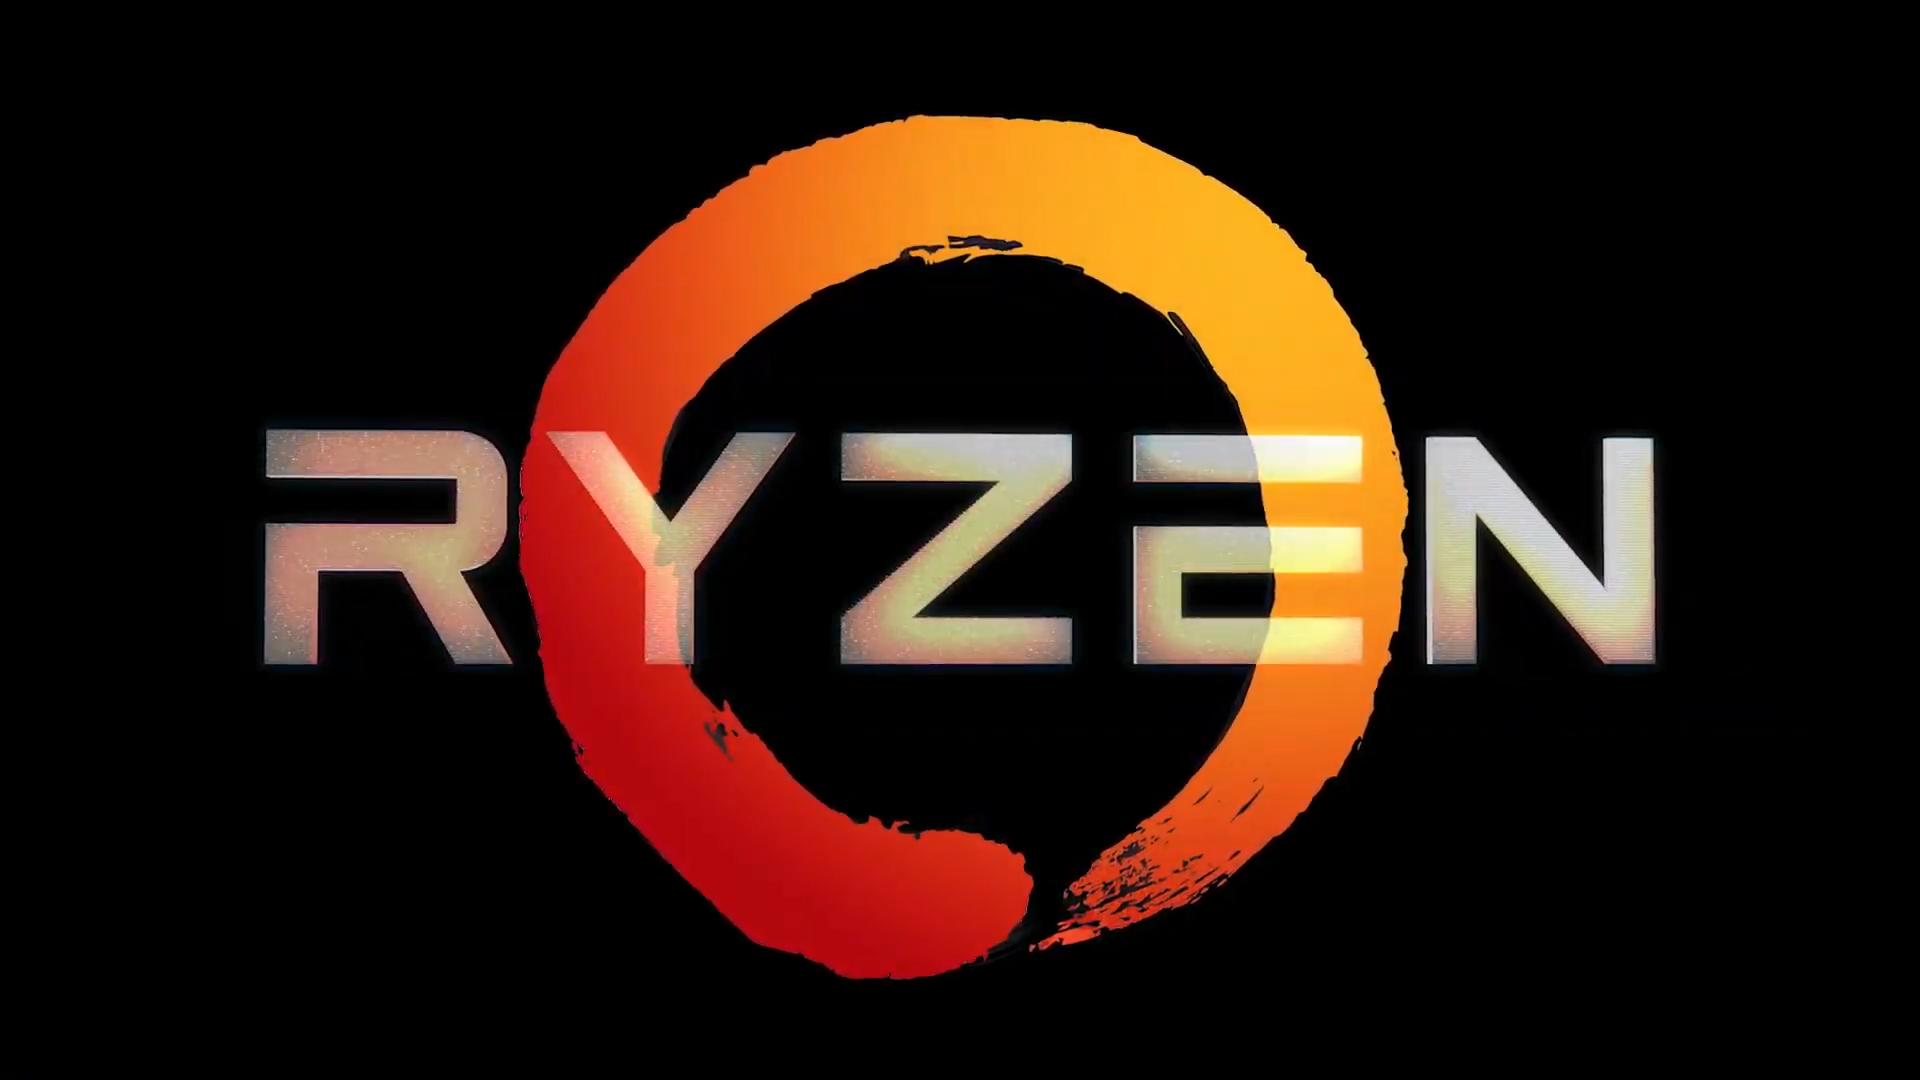 AMD Ryzen 9 5900H 9, 5980HX & Ryzen 7 5700G zeigen sich in beeindruckenden Leaks